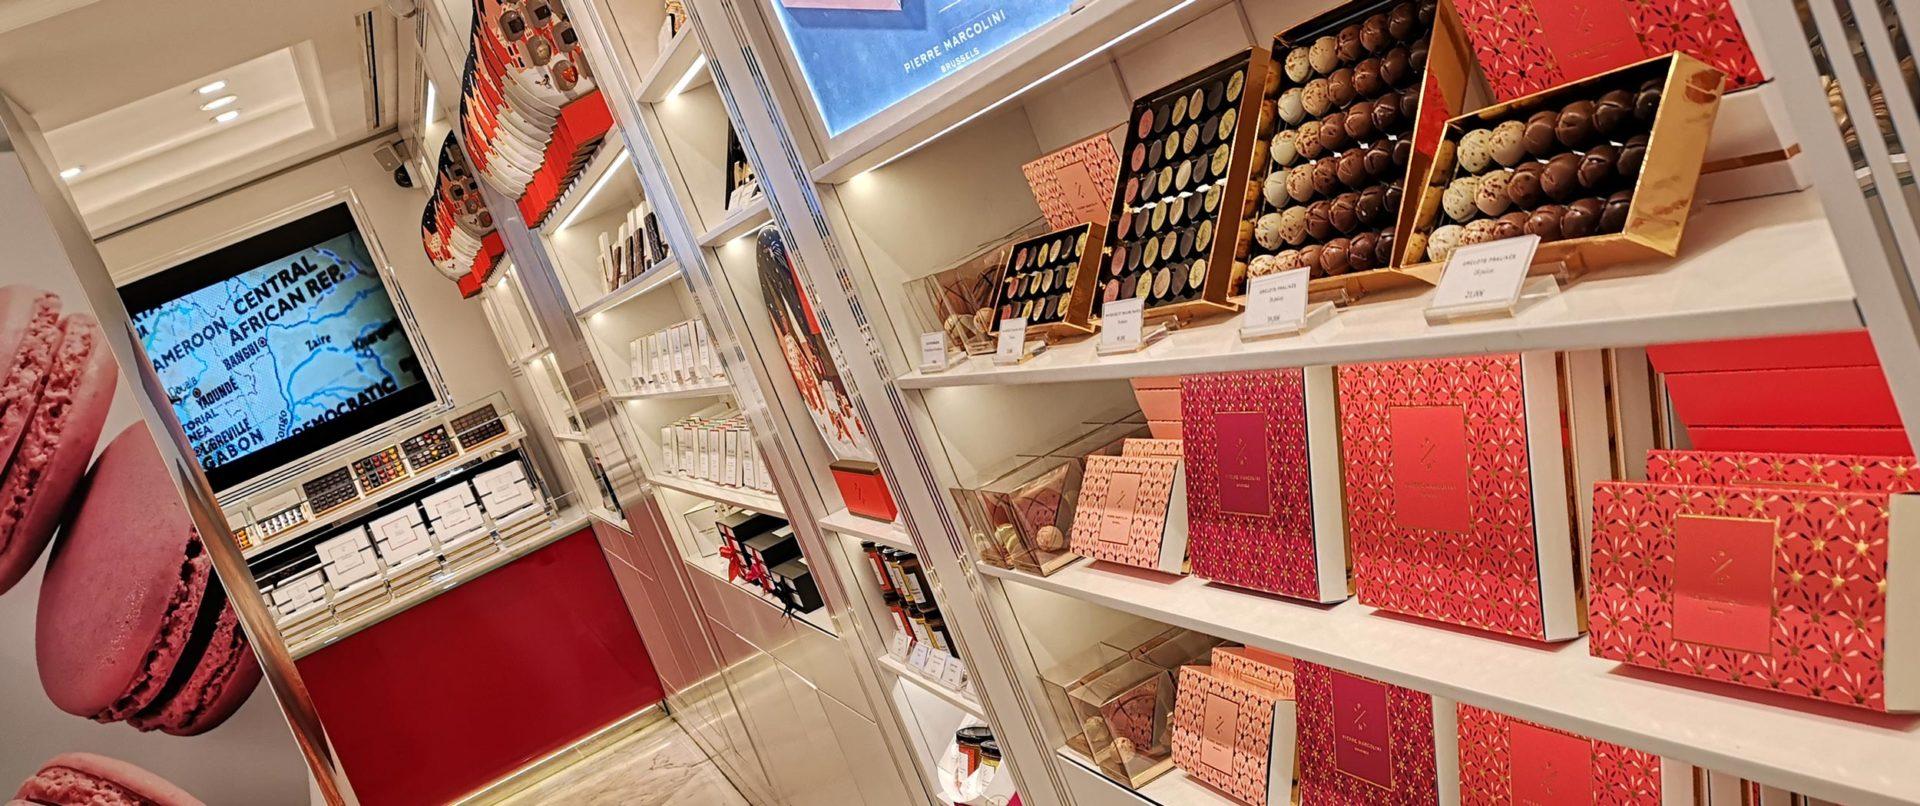 chocolate-walking-tour-worskhop-paris